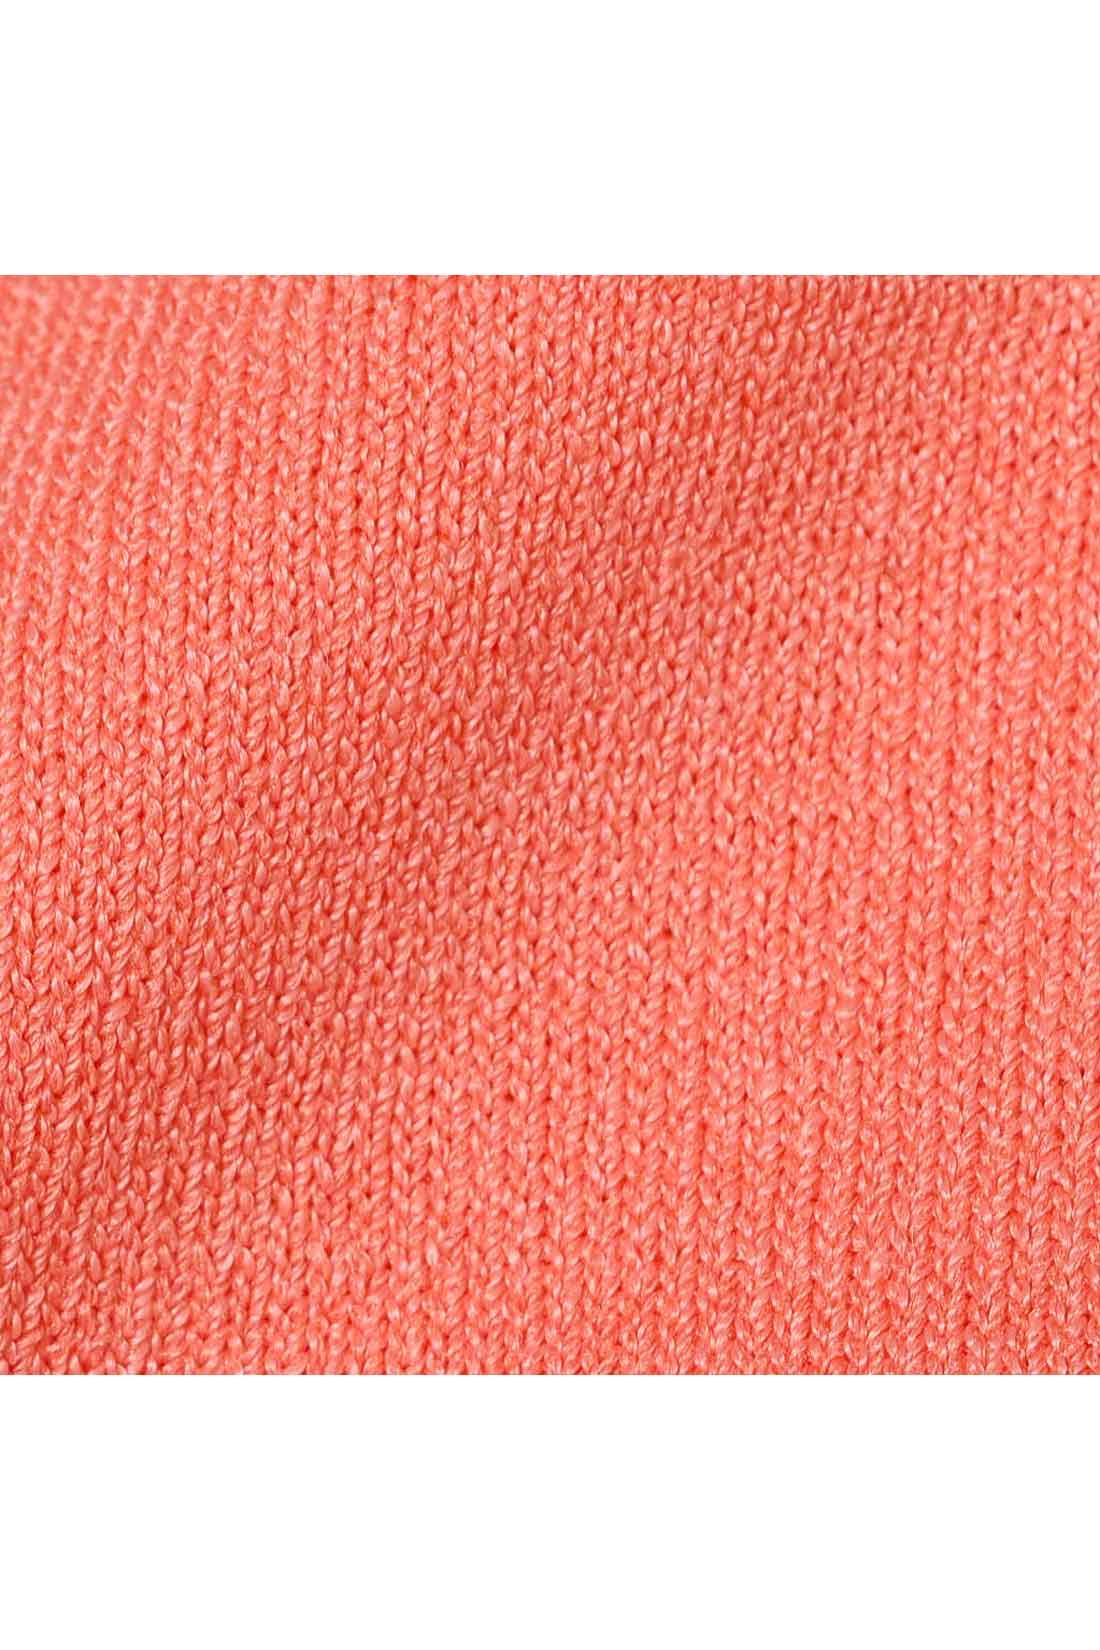 Tシャツ感覚で着られる肌に気持ちいいシャリ薄ニット。